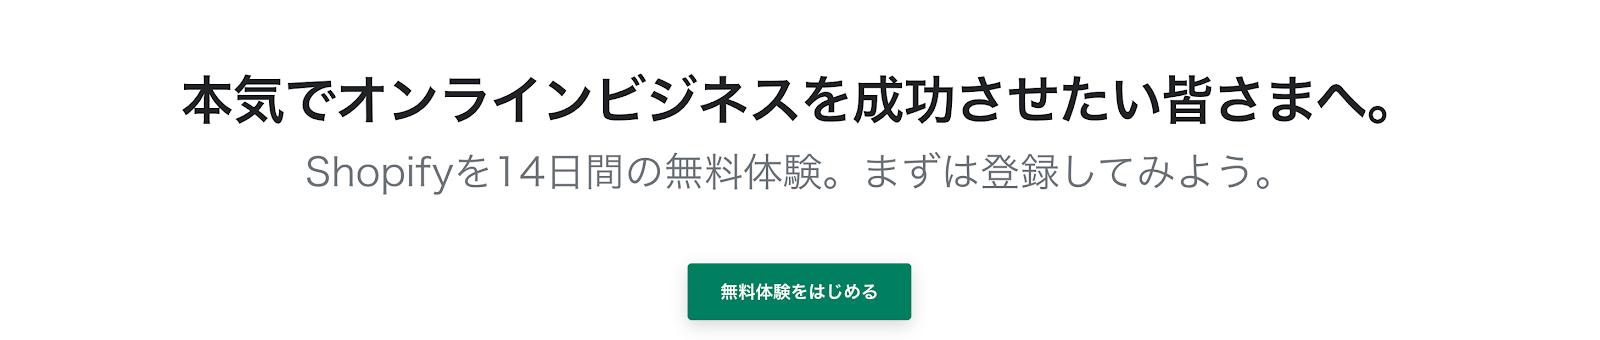 Shopify無料体験